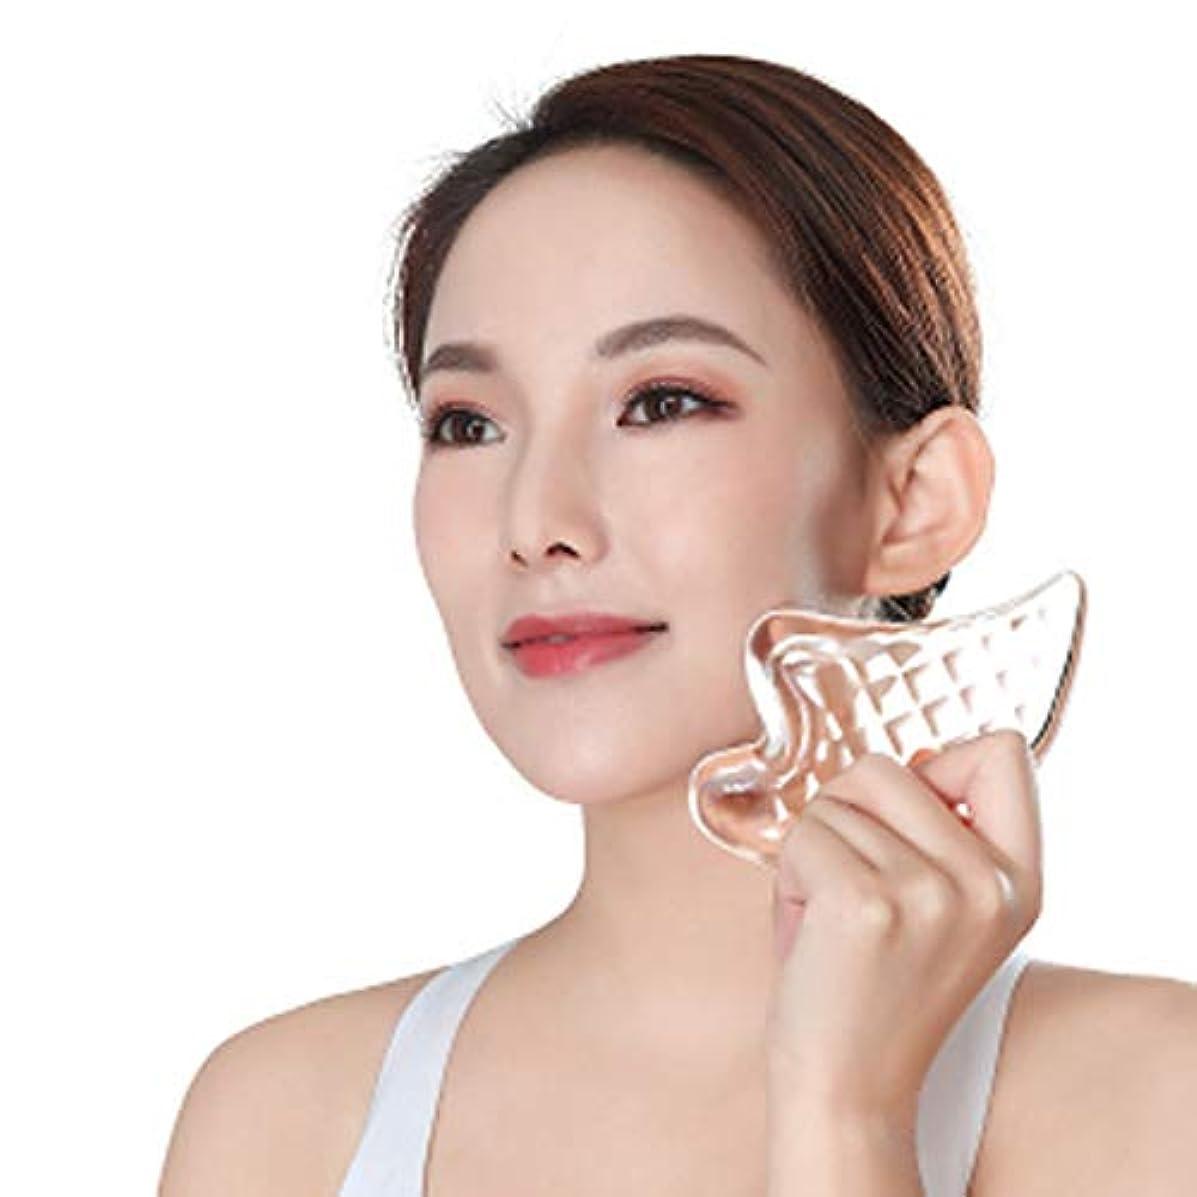 傾向がある放出キャンセルCangad かっさプレート 美顔器 高品質 3Dクリスタル 小顔 美顔グッズ 羽根型 ボディ マッサージ かっさマッサージ 刮痧 ウィング型 健康グッズ